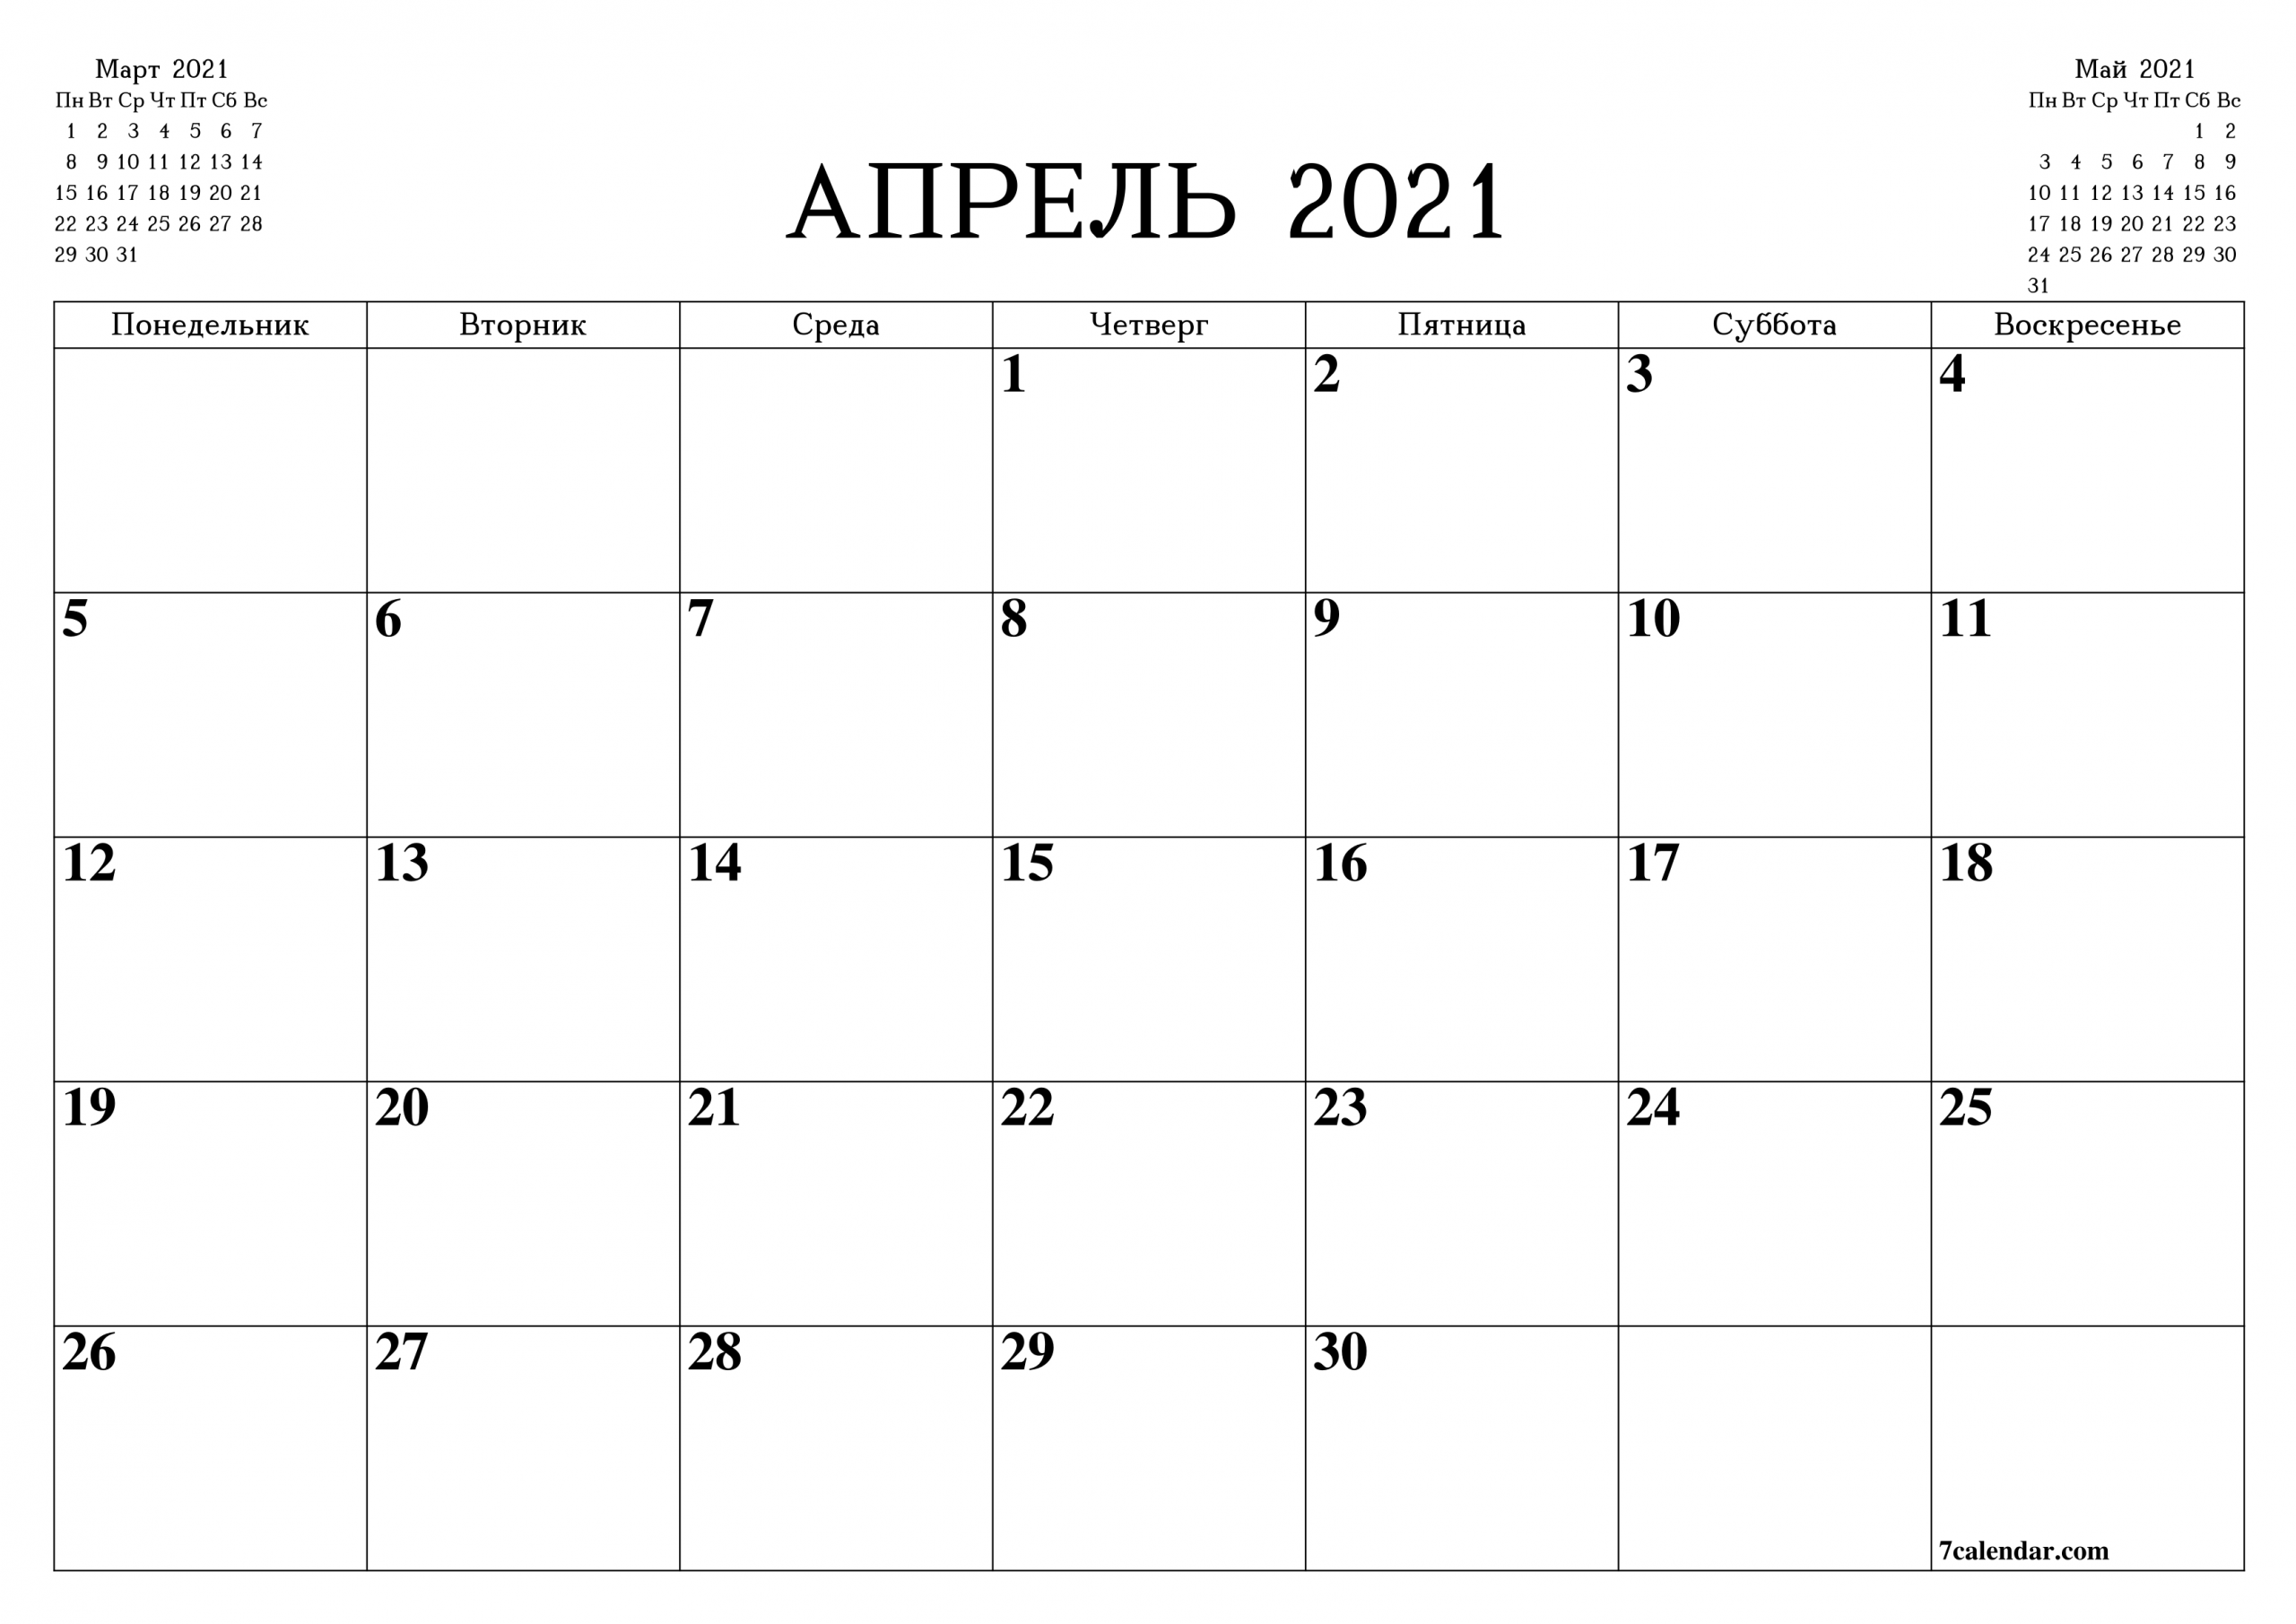 Календарь На Апрель 2021: Планер И Планинг Для Печати А4, А5